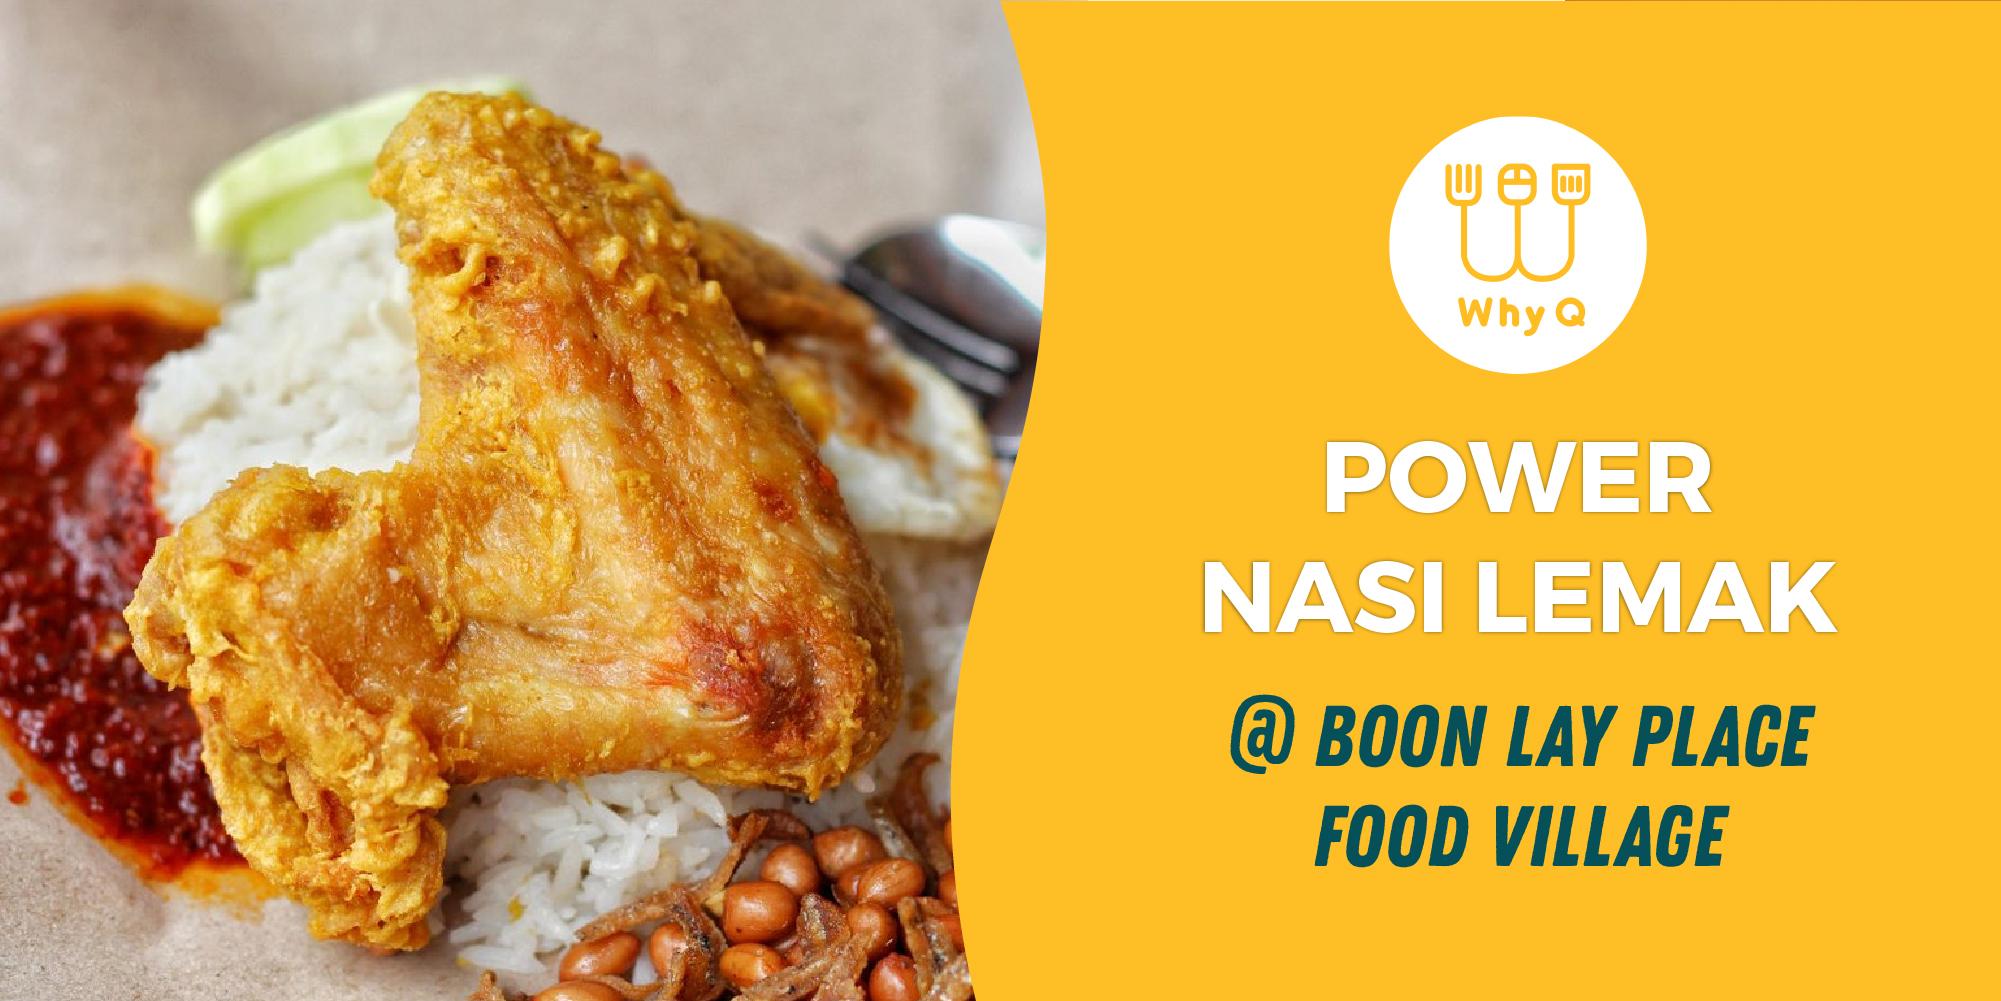 WhyQ halal guide Power Nasi Lemak at Boon Lay